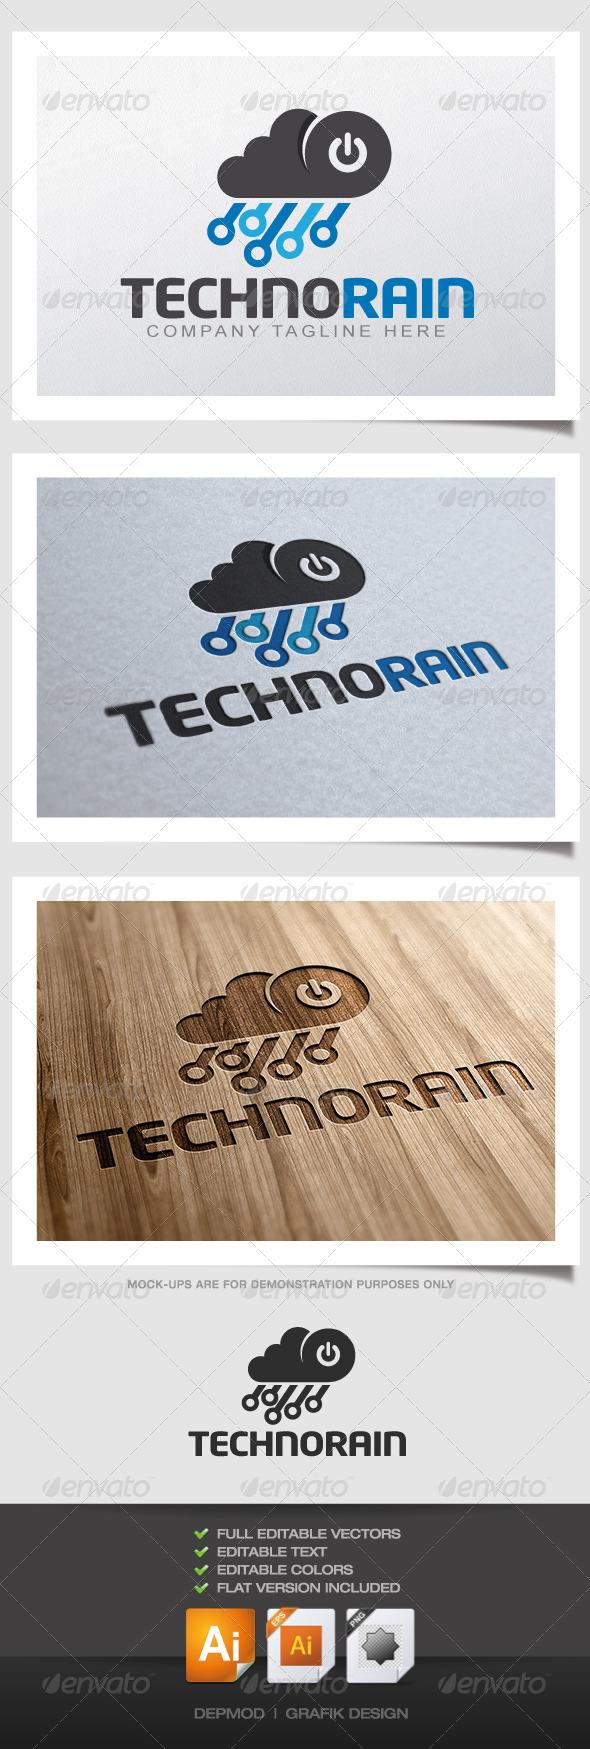 GraphicRiver Techno Rain Logo 4450785